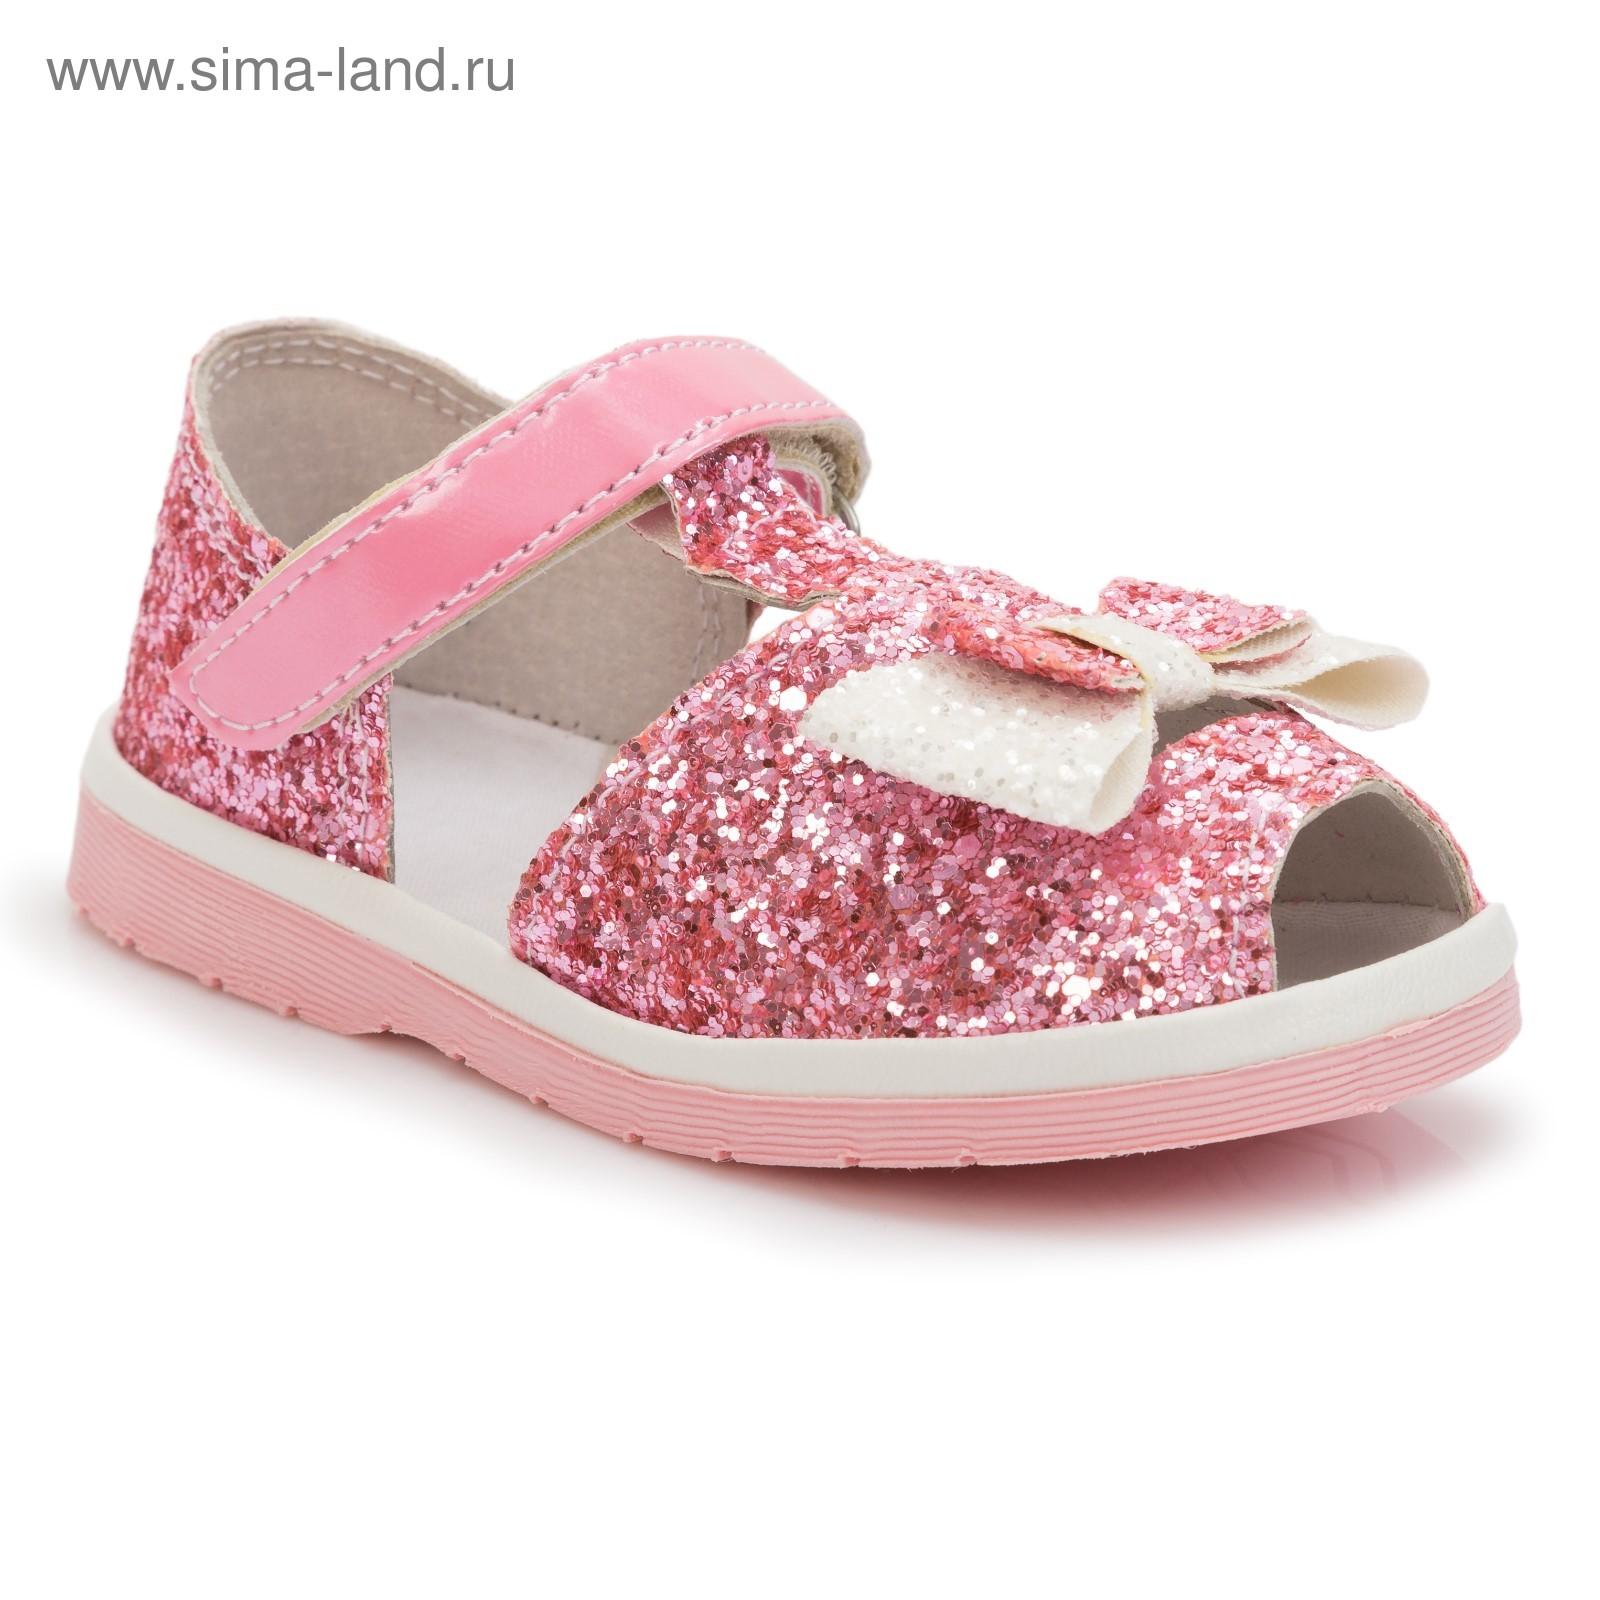 3a3d68962 Туфли летние малодетские арт. 2274, цвет розовый, размер 22 (14,5 см ...